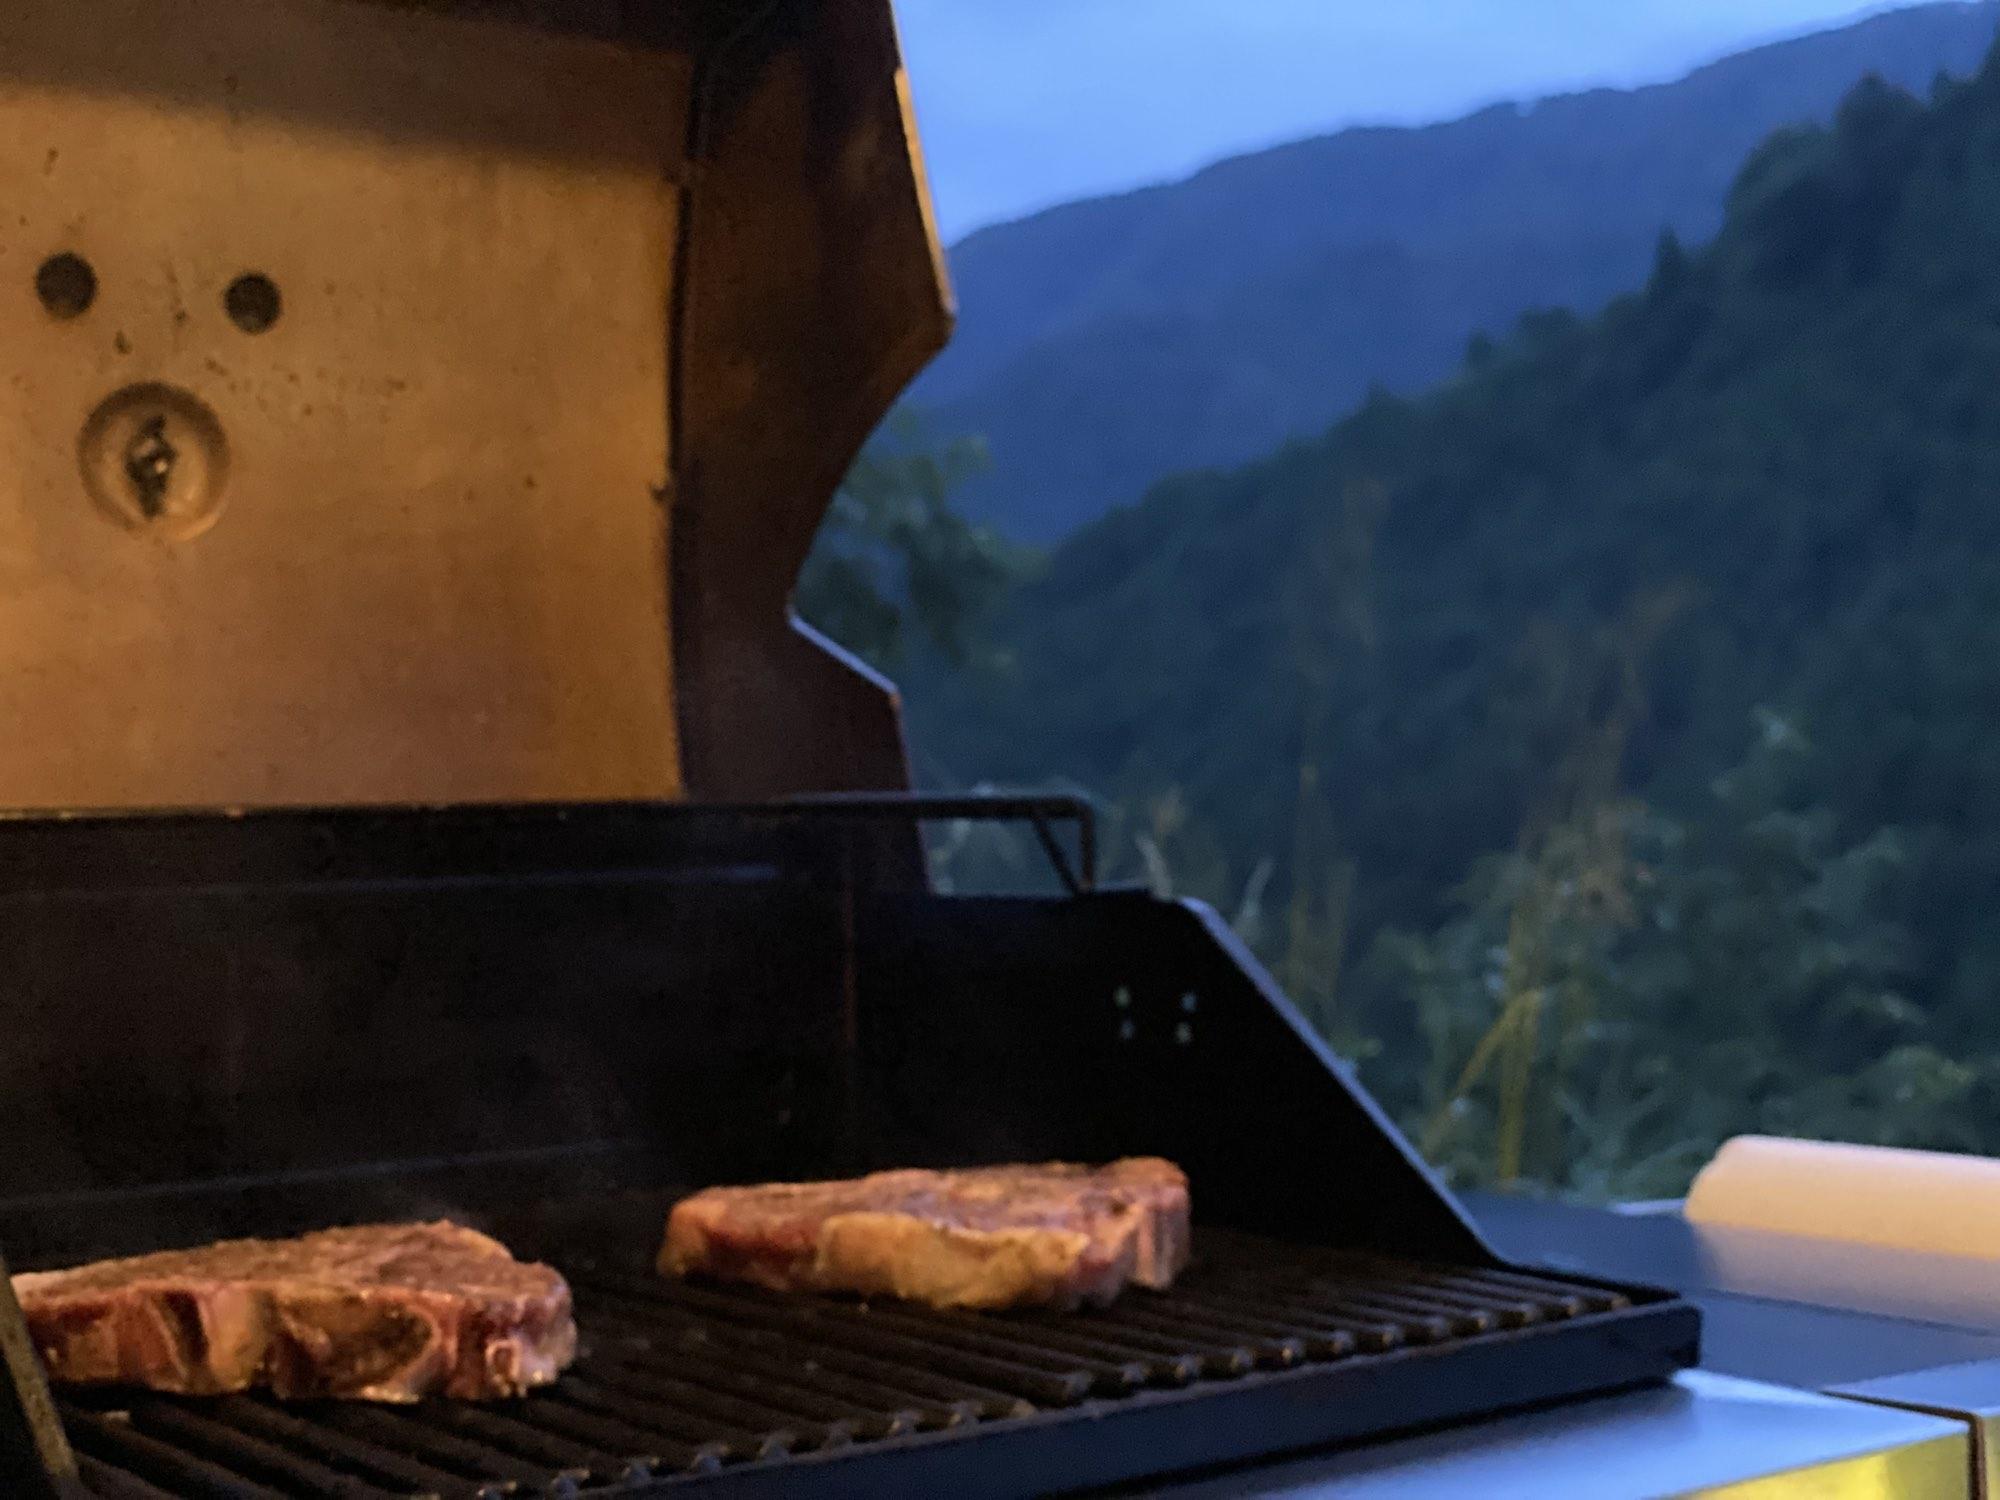 ちょっと贅沢なキャンプやBBQのお供に。Tボーンステーキを試してみて!